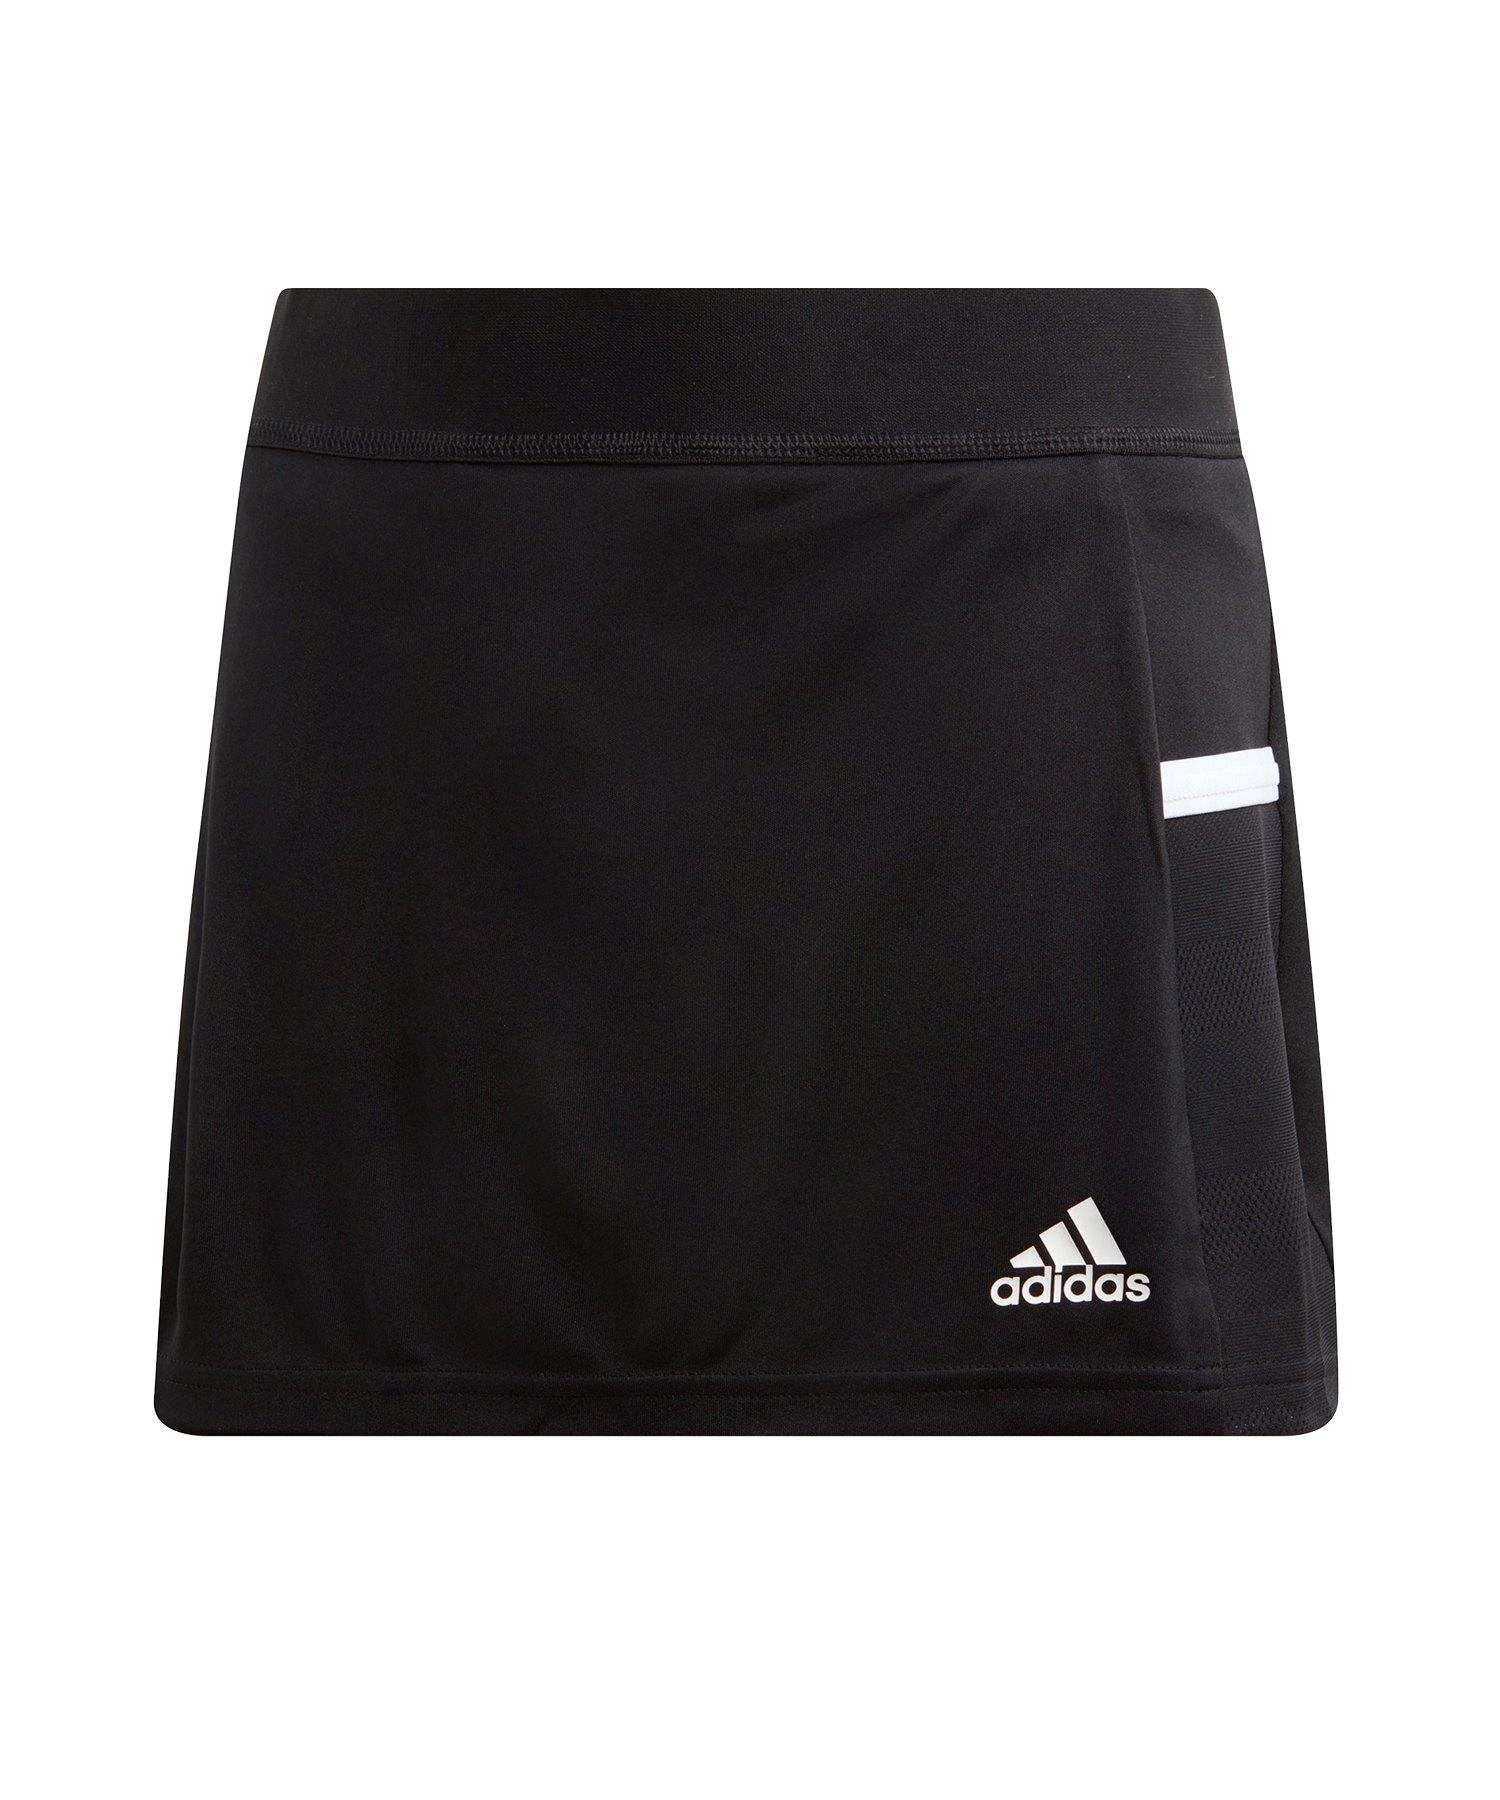 adidas Team 19 Skirt Rock Kids Schwarz Weiss - schwarz